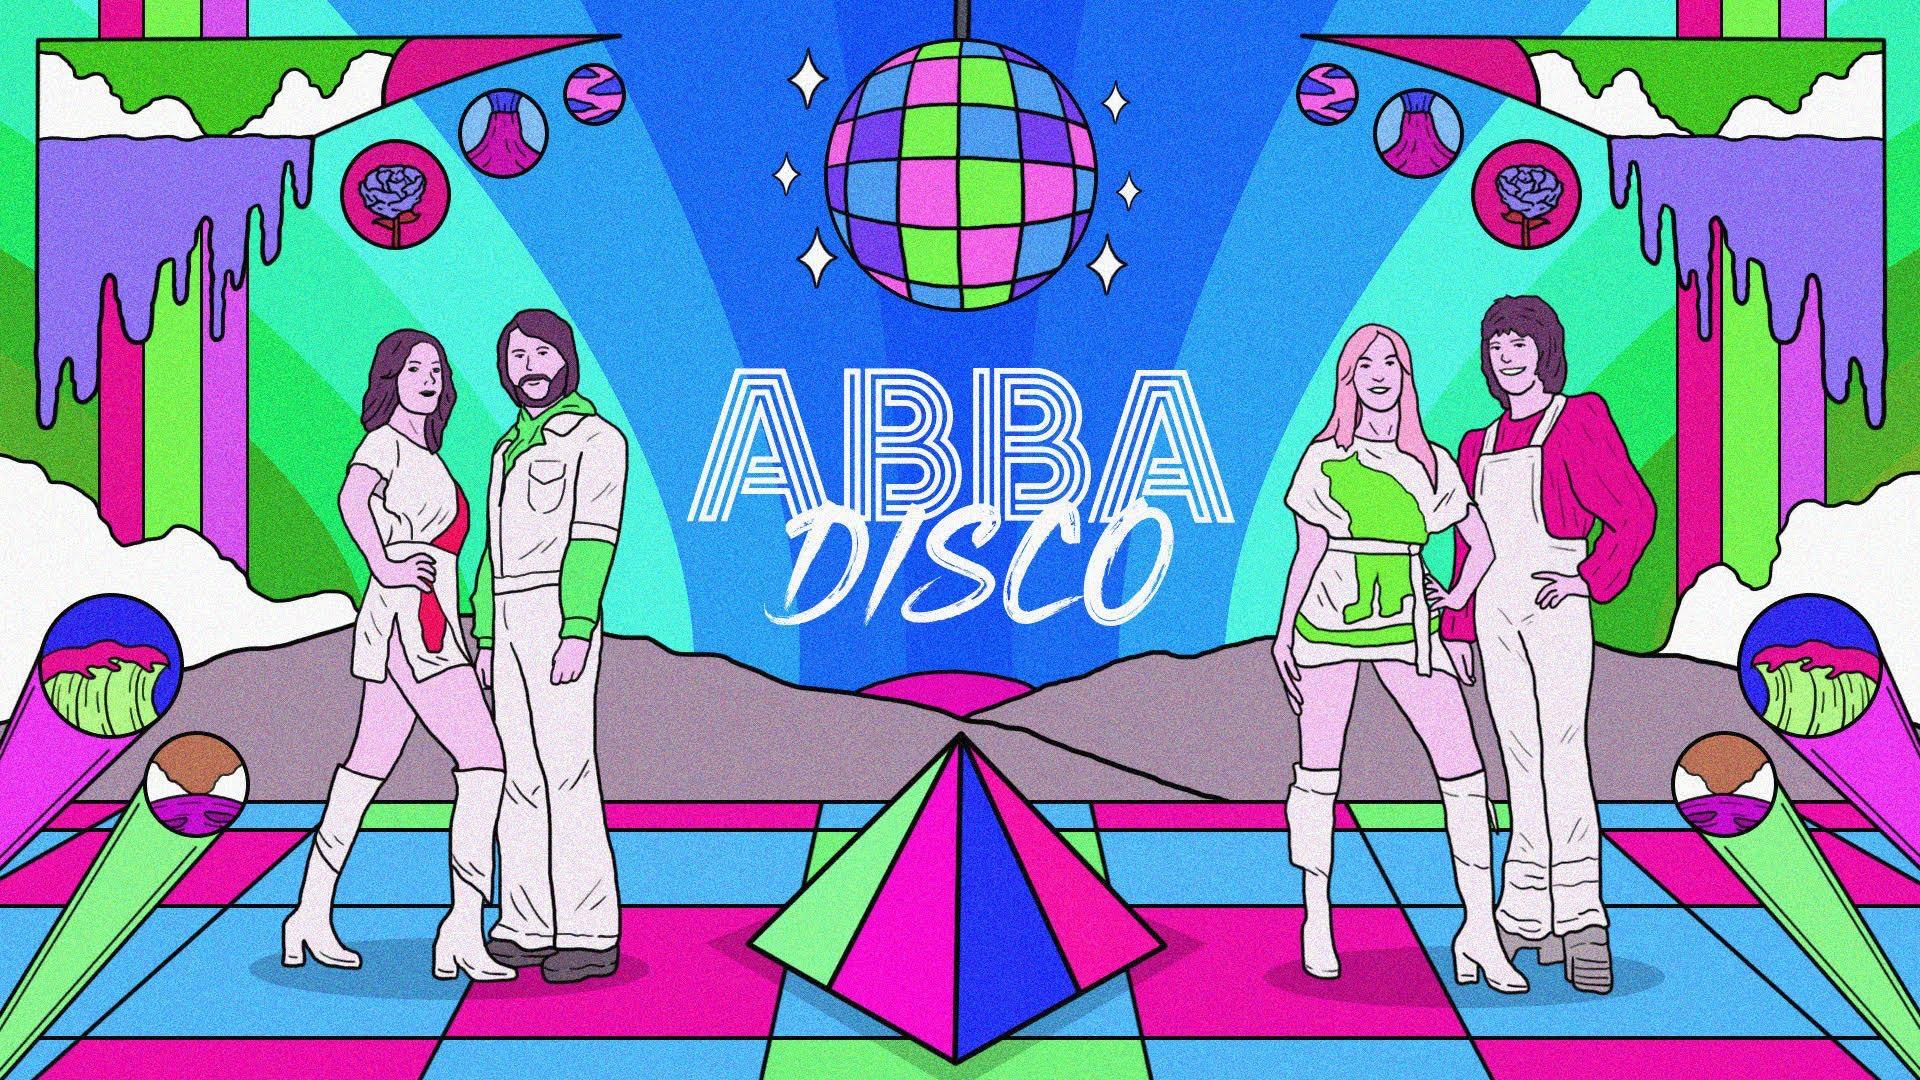 Abba Disco